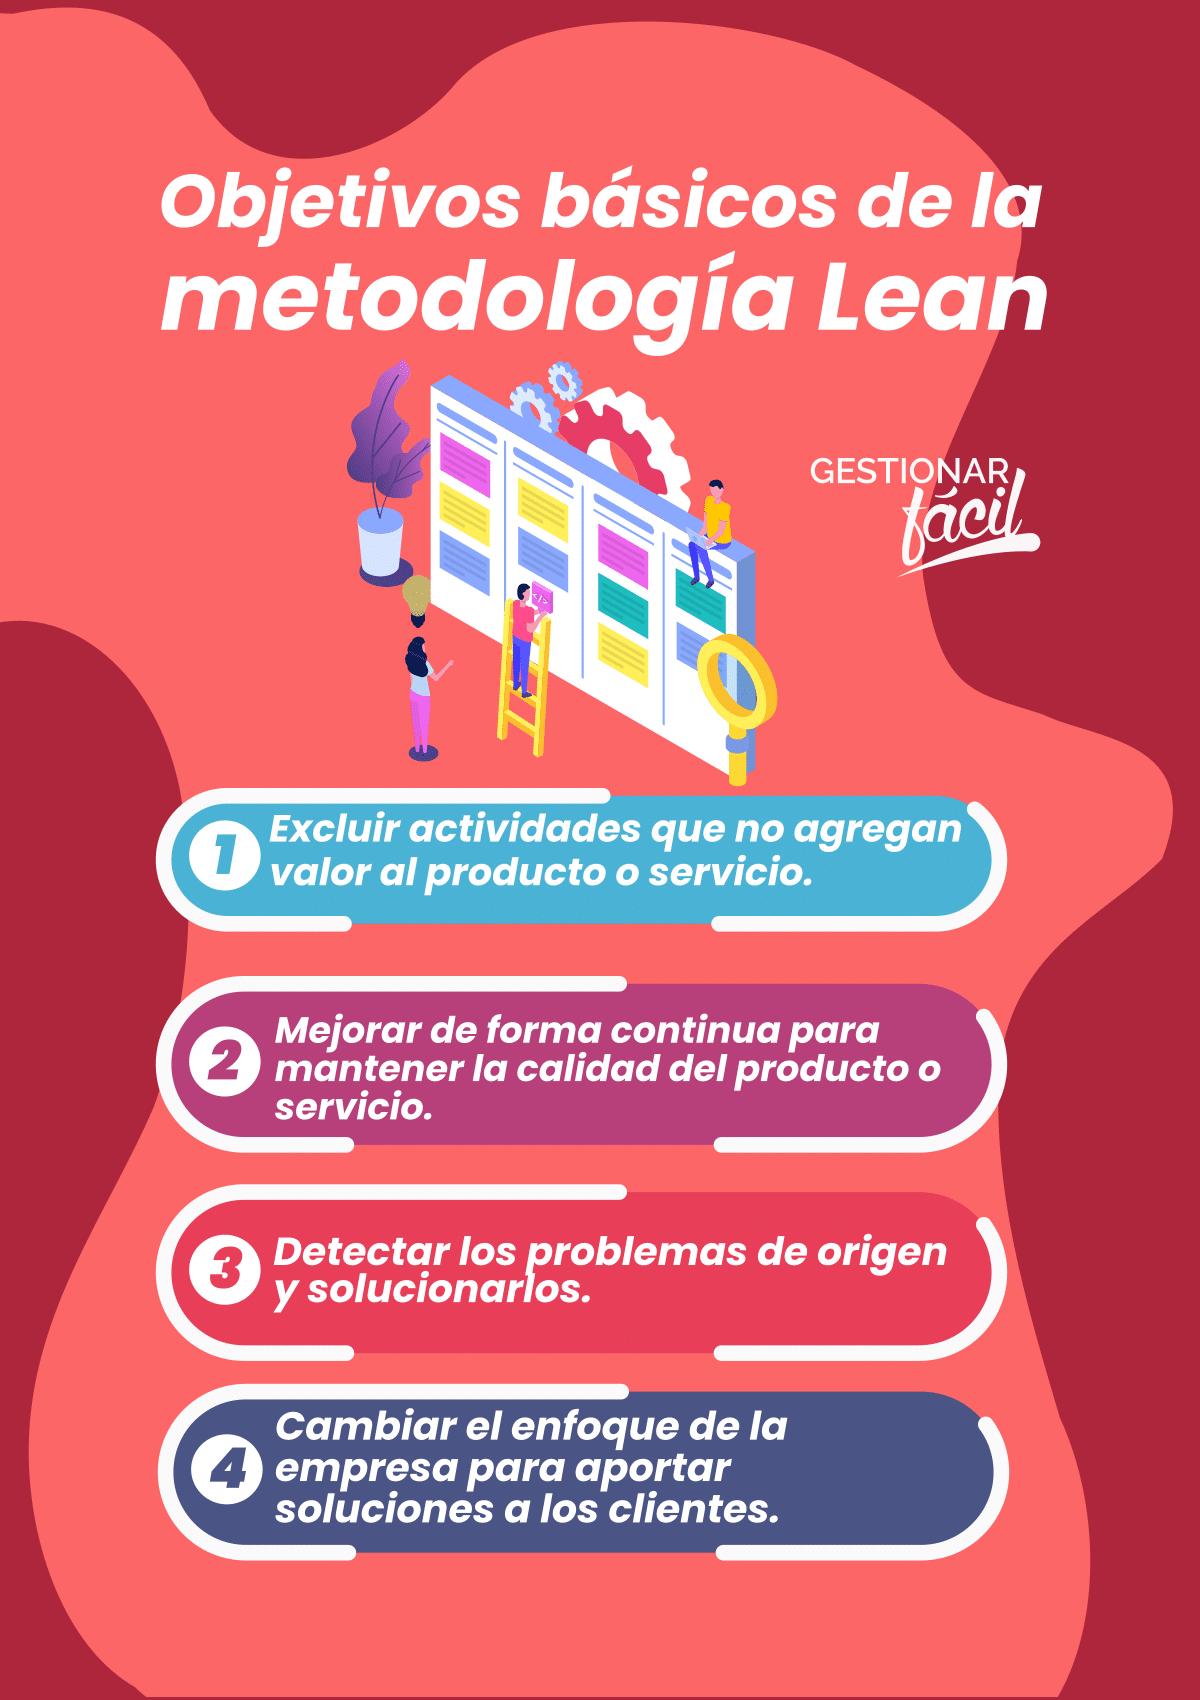 Objetivos básicos de la metodología Lean